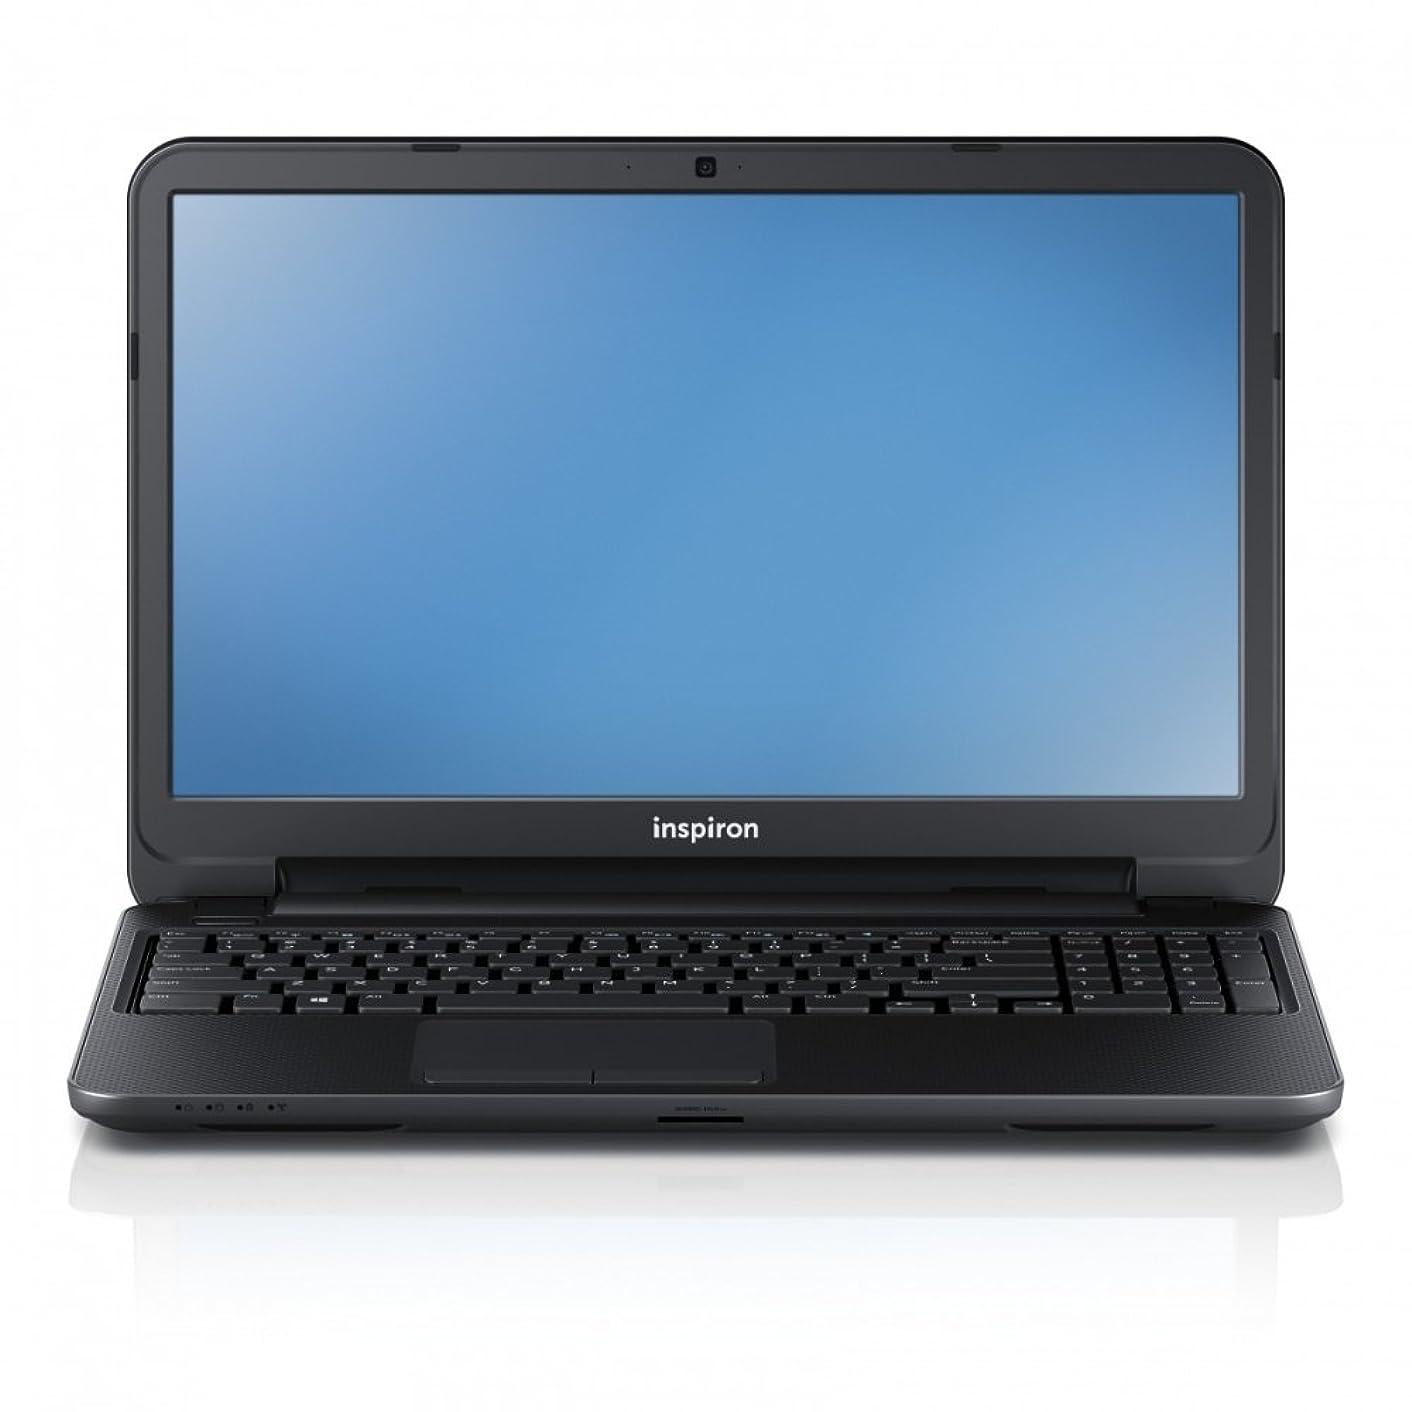 歩行者曲がったフェデレーションデル インスパイロン ノートパソコン Dell Inspiron 15 Series  15.6-Inch Touchscreen Laptop (Core i3-4030U  1.9GHz/ 4GB RAM/ 500GB HDD/ DVD±RW,CD-RW/ Windows 8.1) 【並行輸入品】